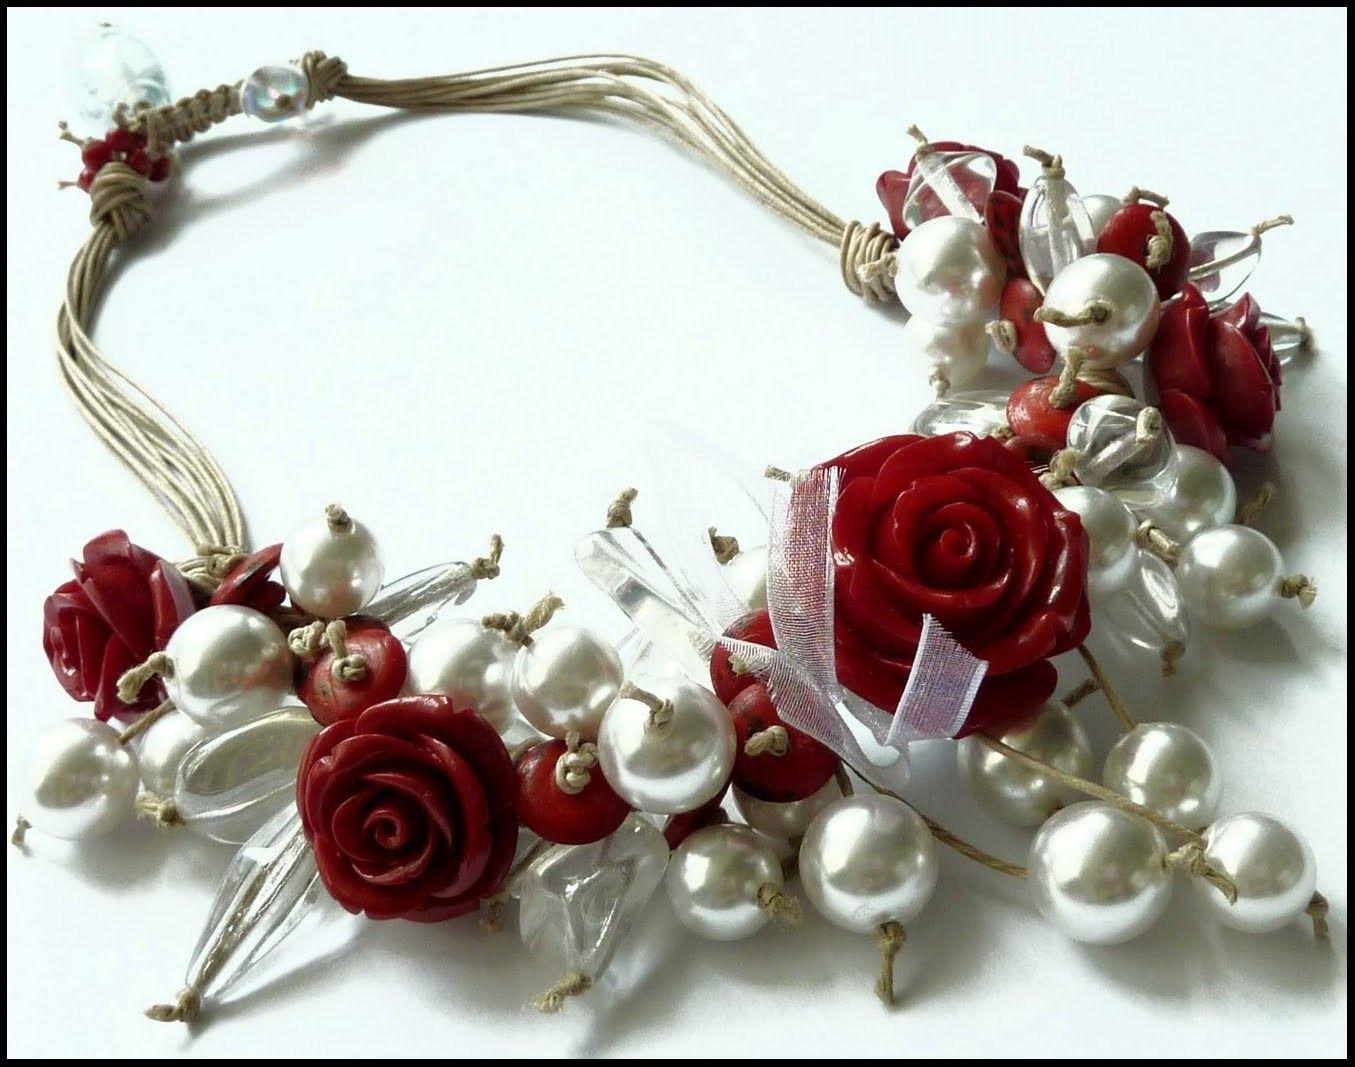 unbelievable jewelry | Beautiful Jewelry | Cool Jewelry ...